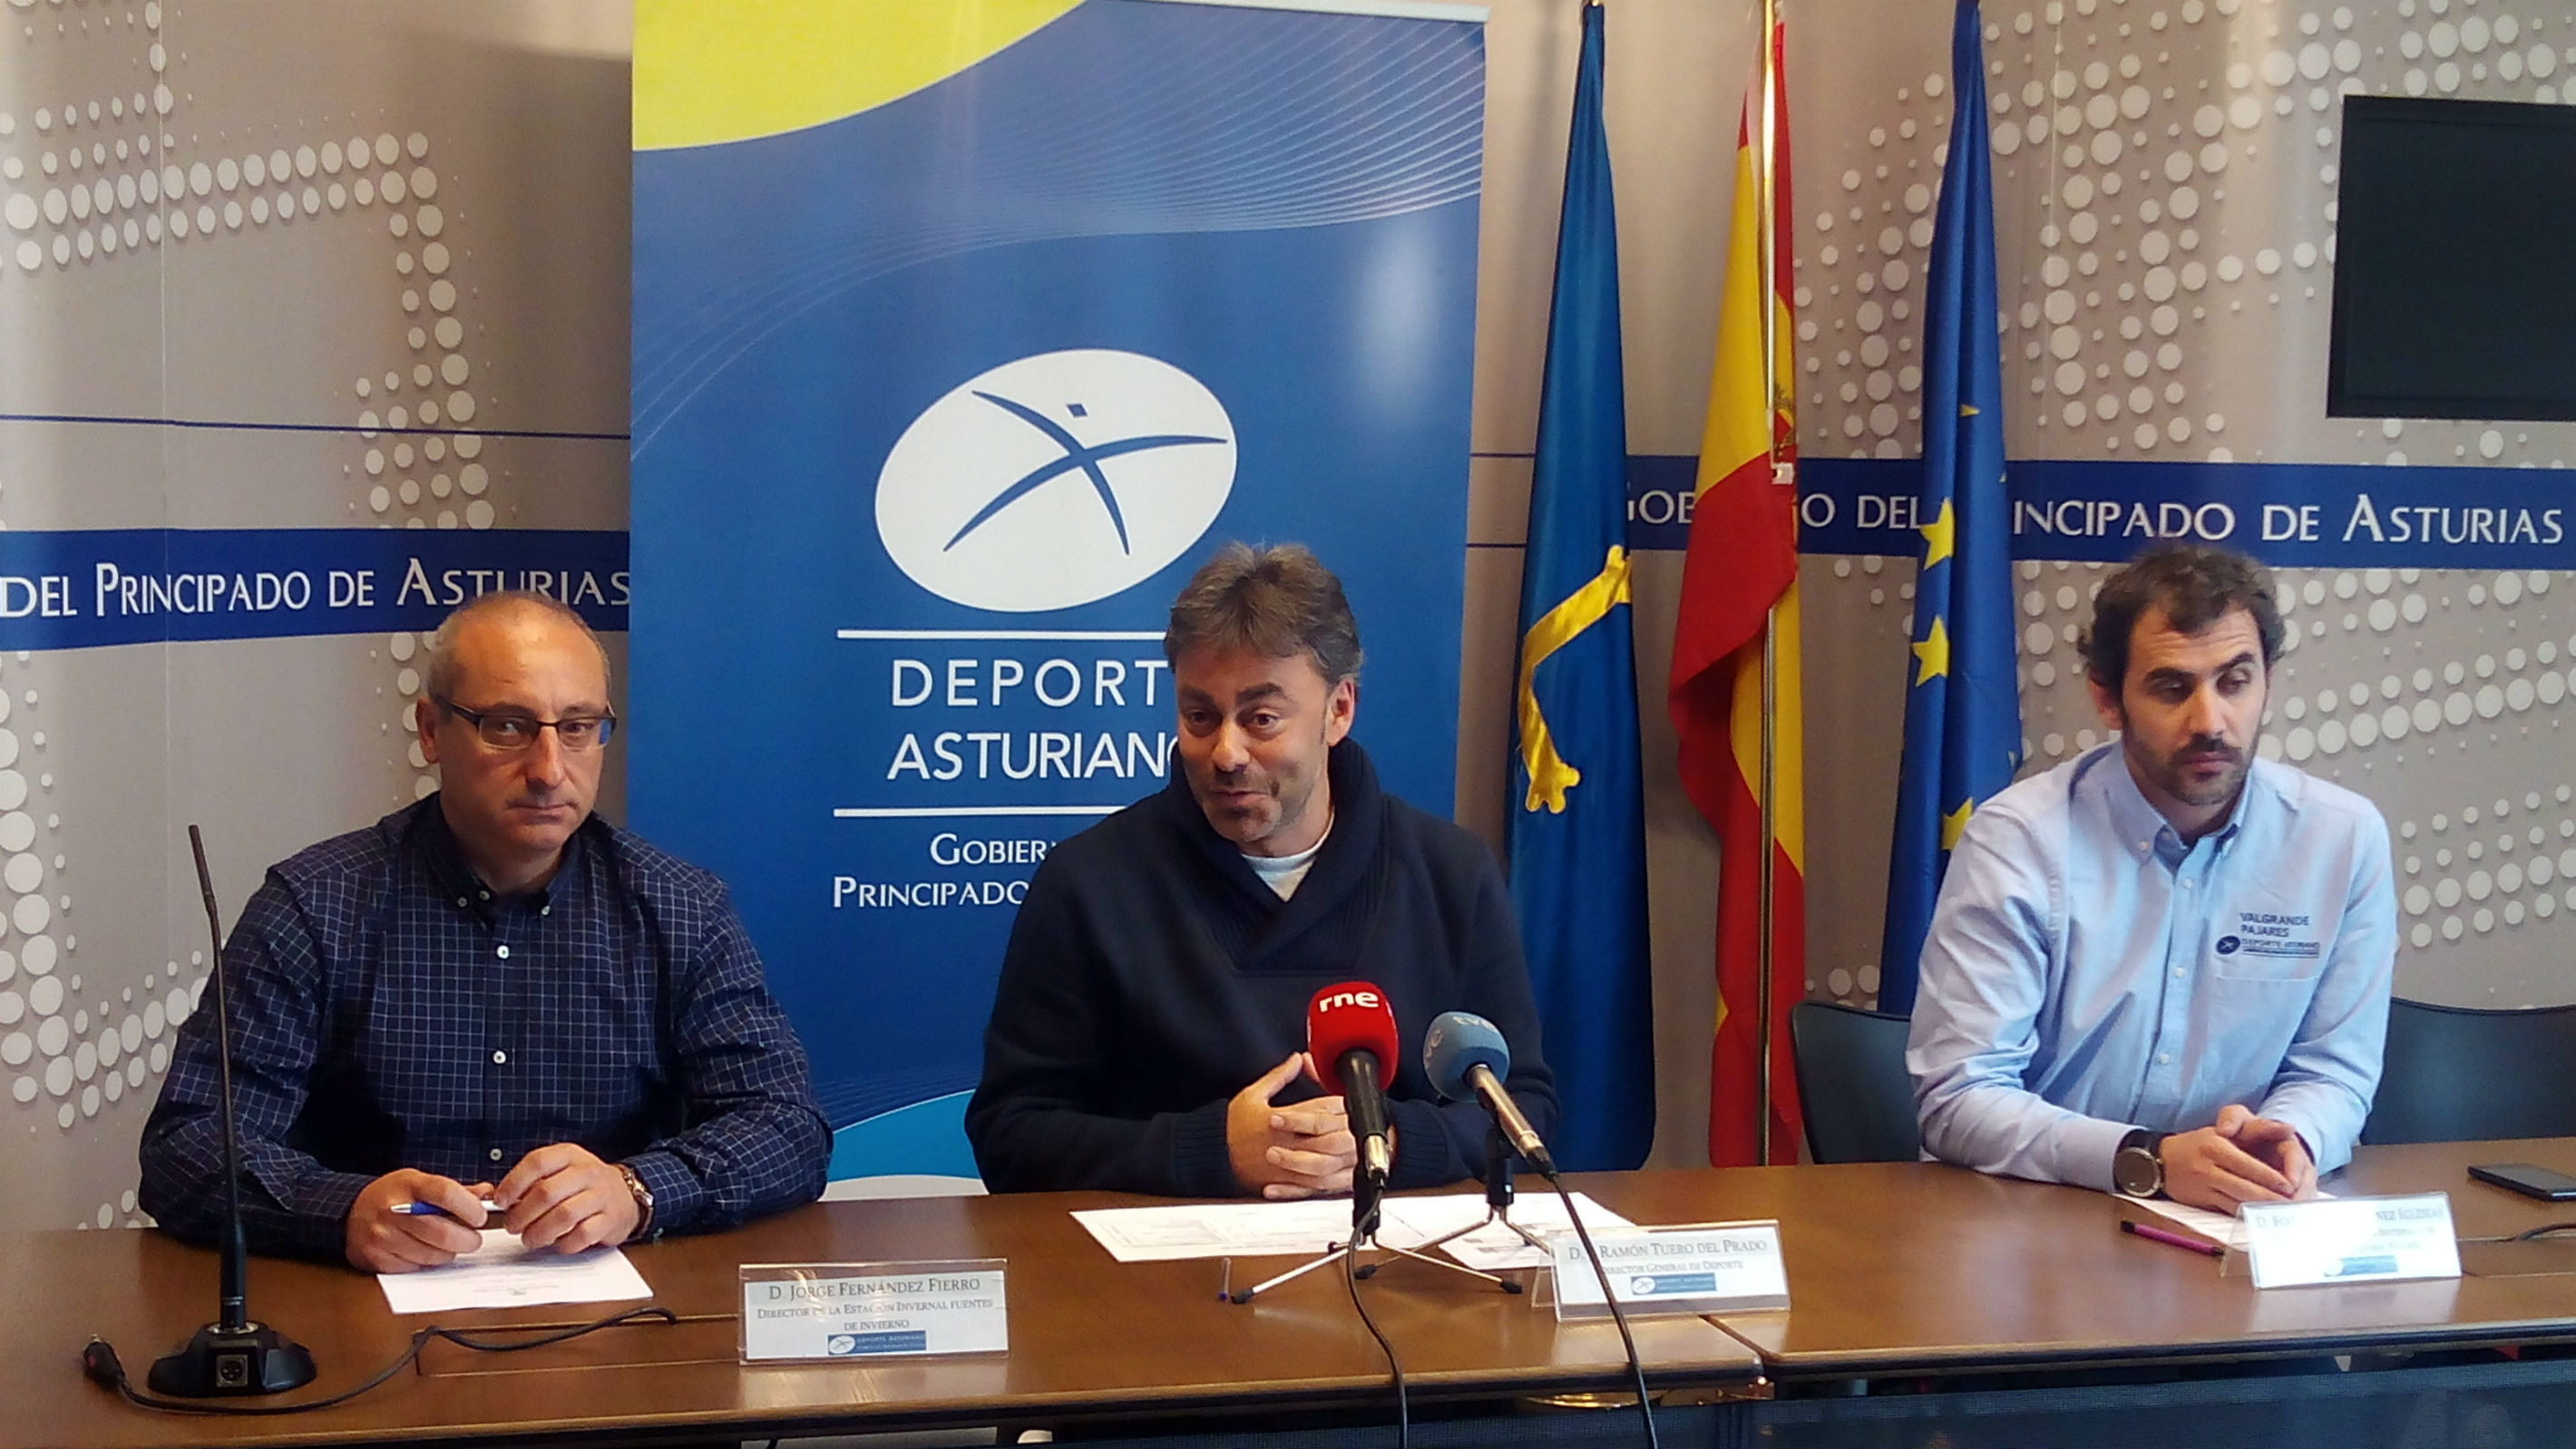 deporte-asturiano-noticias-2017_11_17-Presentacion-temporada-esqui